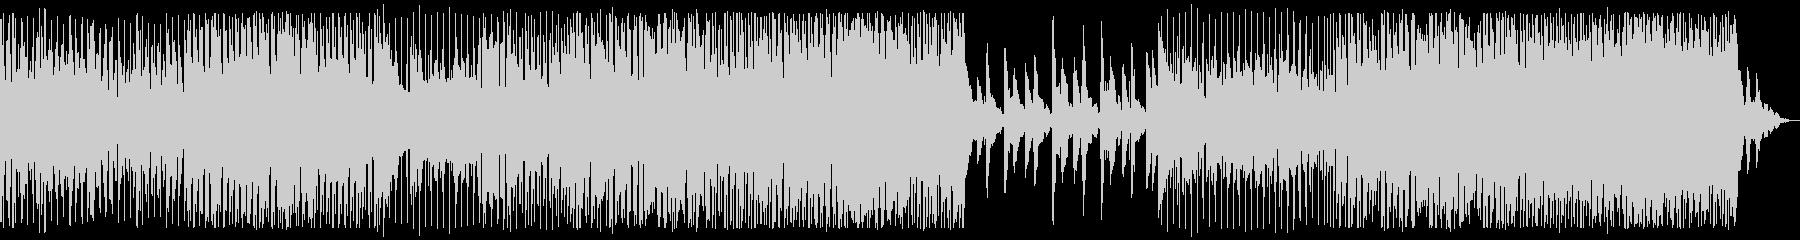 煌びやかなディスコ_No693_1の未再生の波形